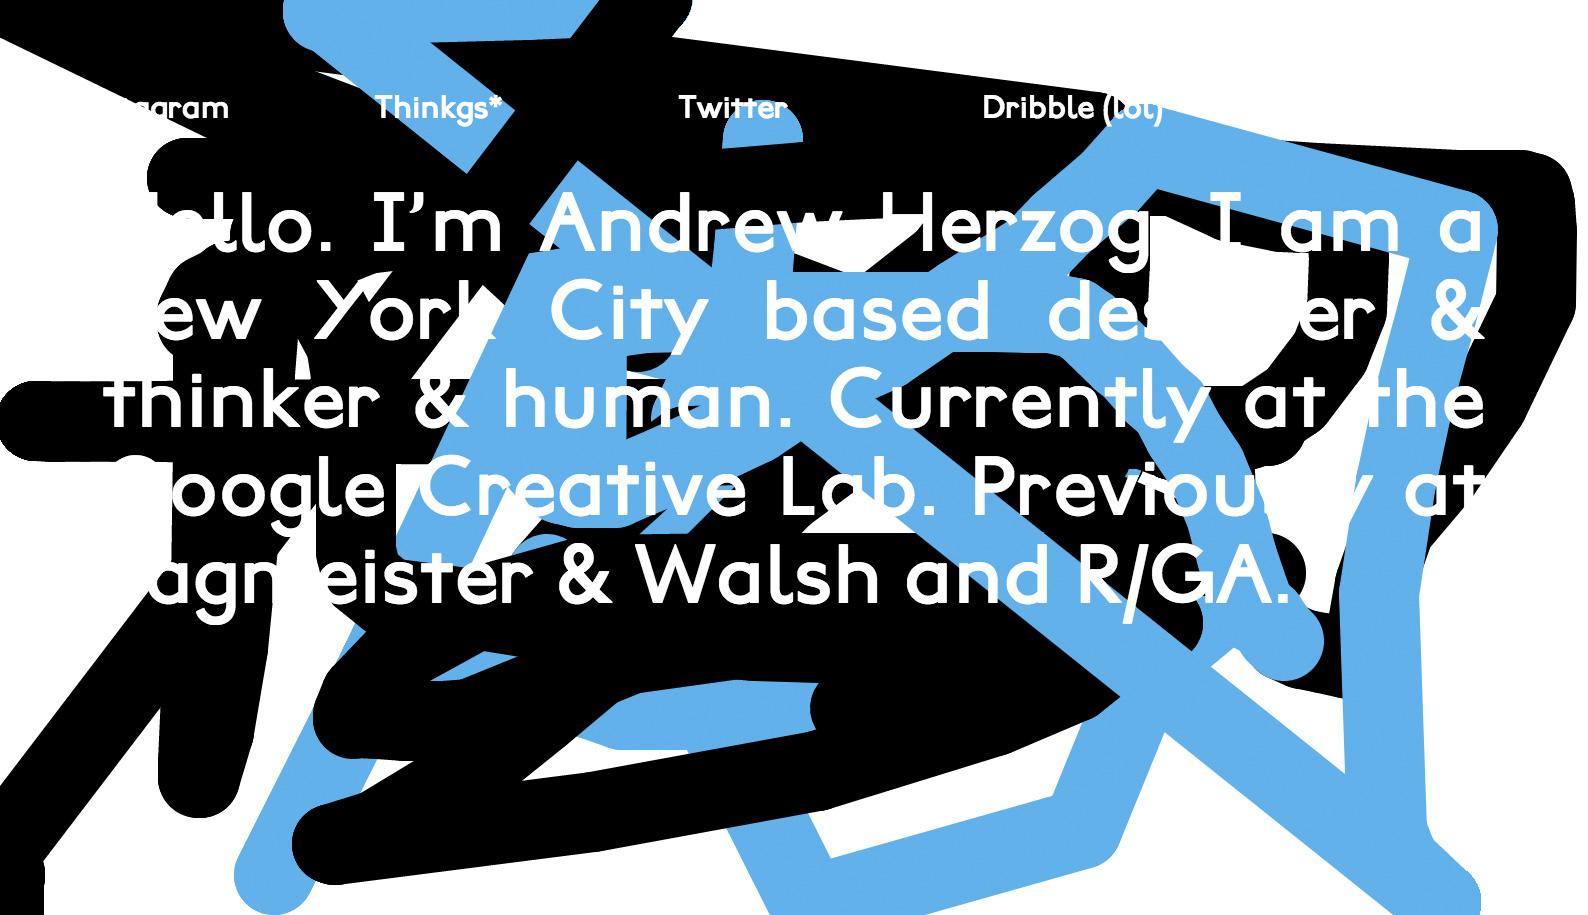 Andrew Herzog